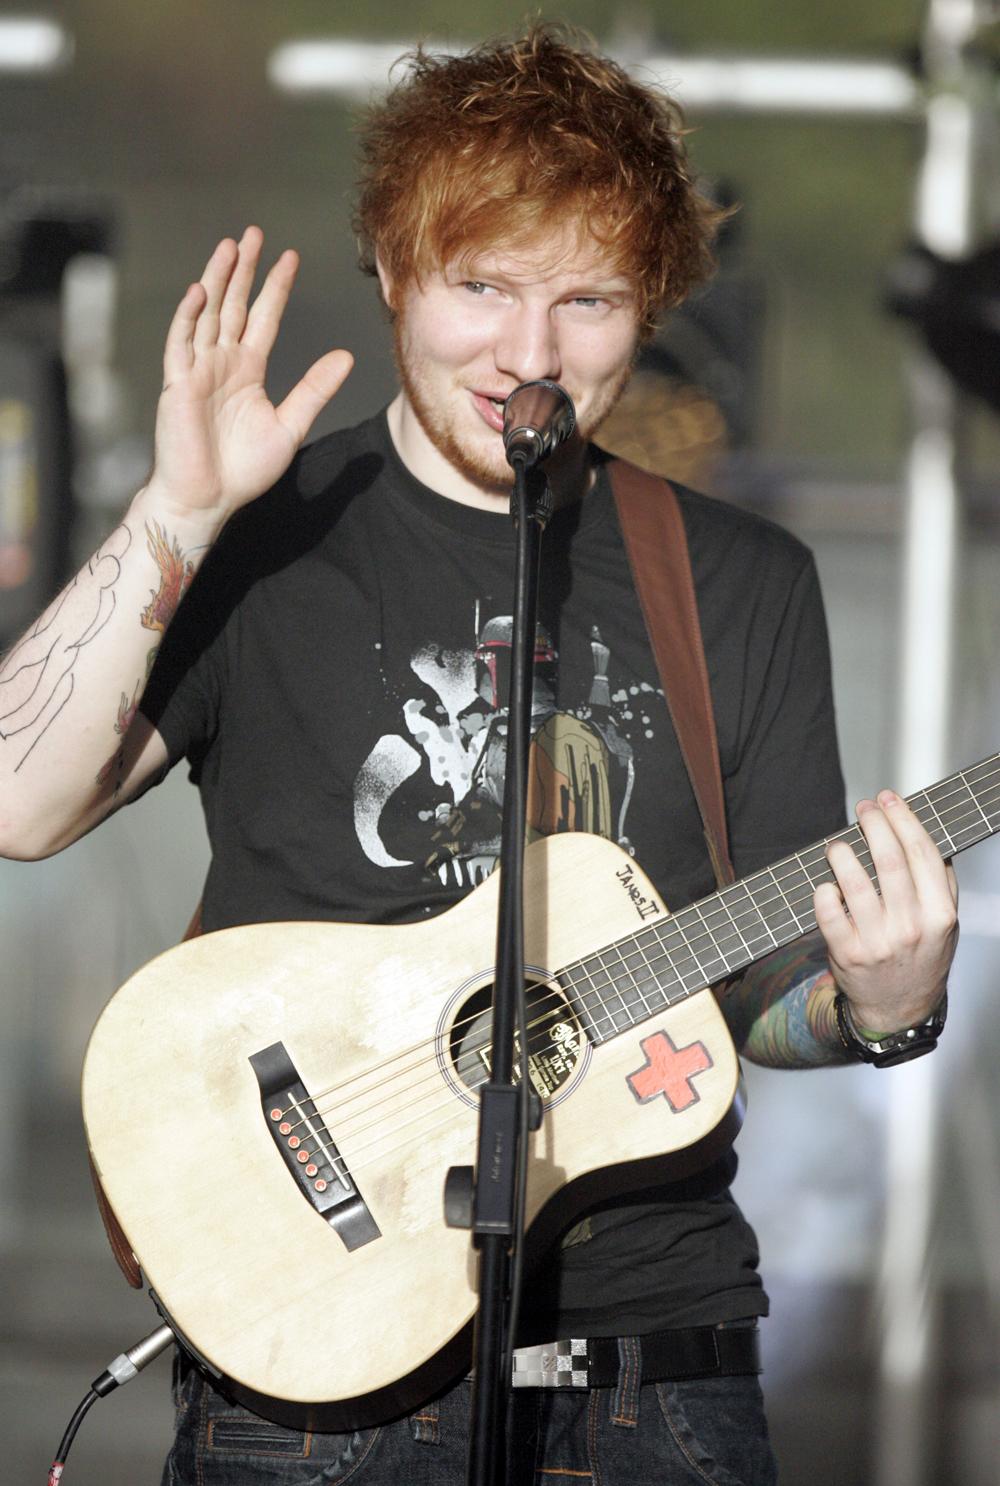 Ed_Sheeran_(8508821340).jpg